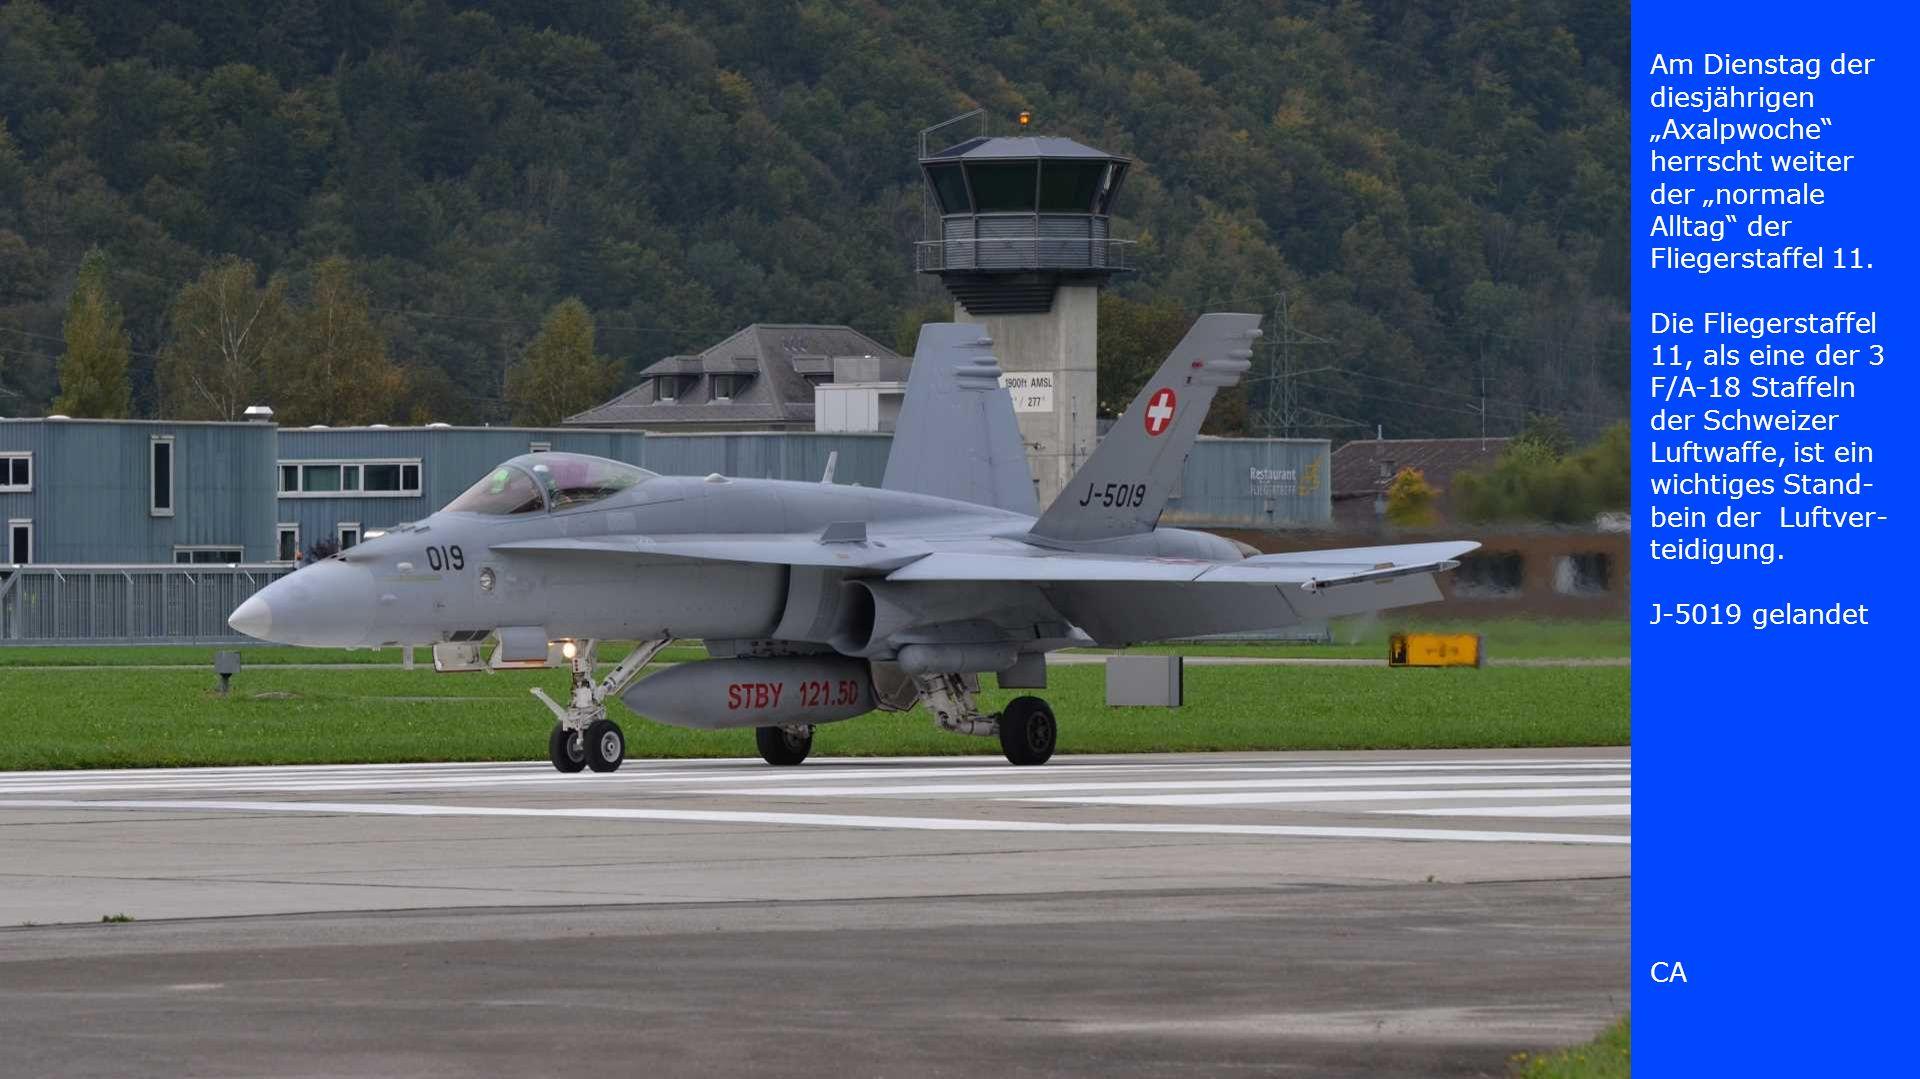 """Am Dienstag der diesjährigen """"Axalpwoche herrscht weiter der """"normale Alltag der Fliegerstaffel 11. Die Fliegerstaffel 11, als eine der 3 F/A-18 Staffeln der Schweizer Luftwaffe, ist ein wichtiges Stand-bein der Luftver-teidigung. J-5019 gelandet"""